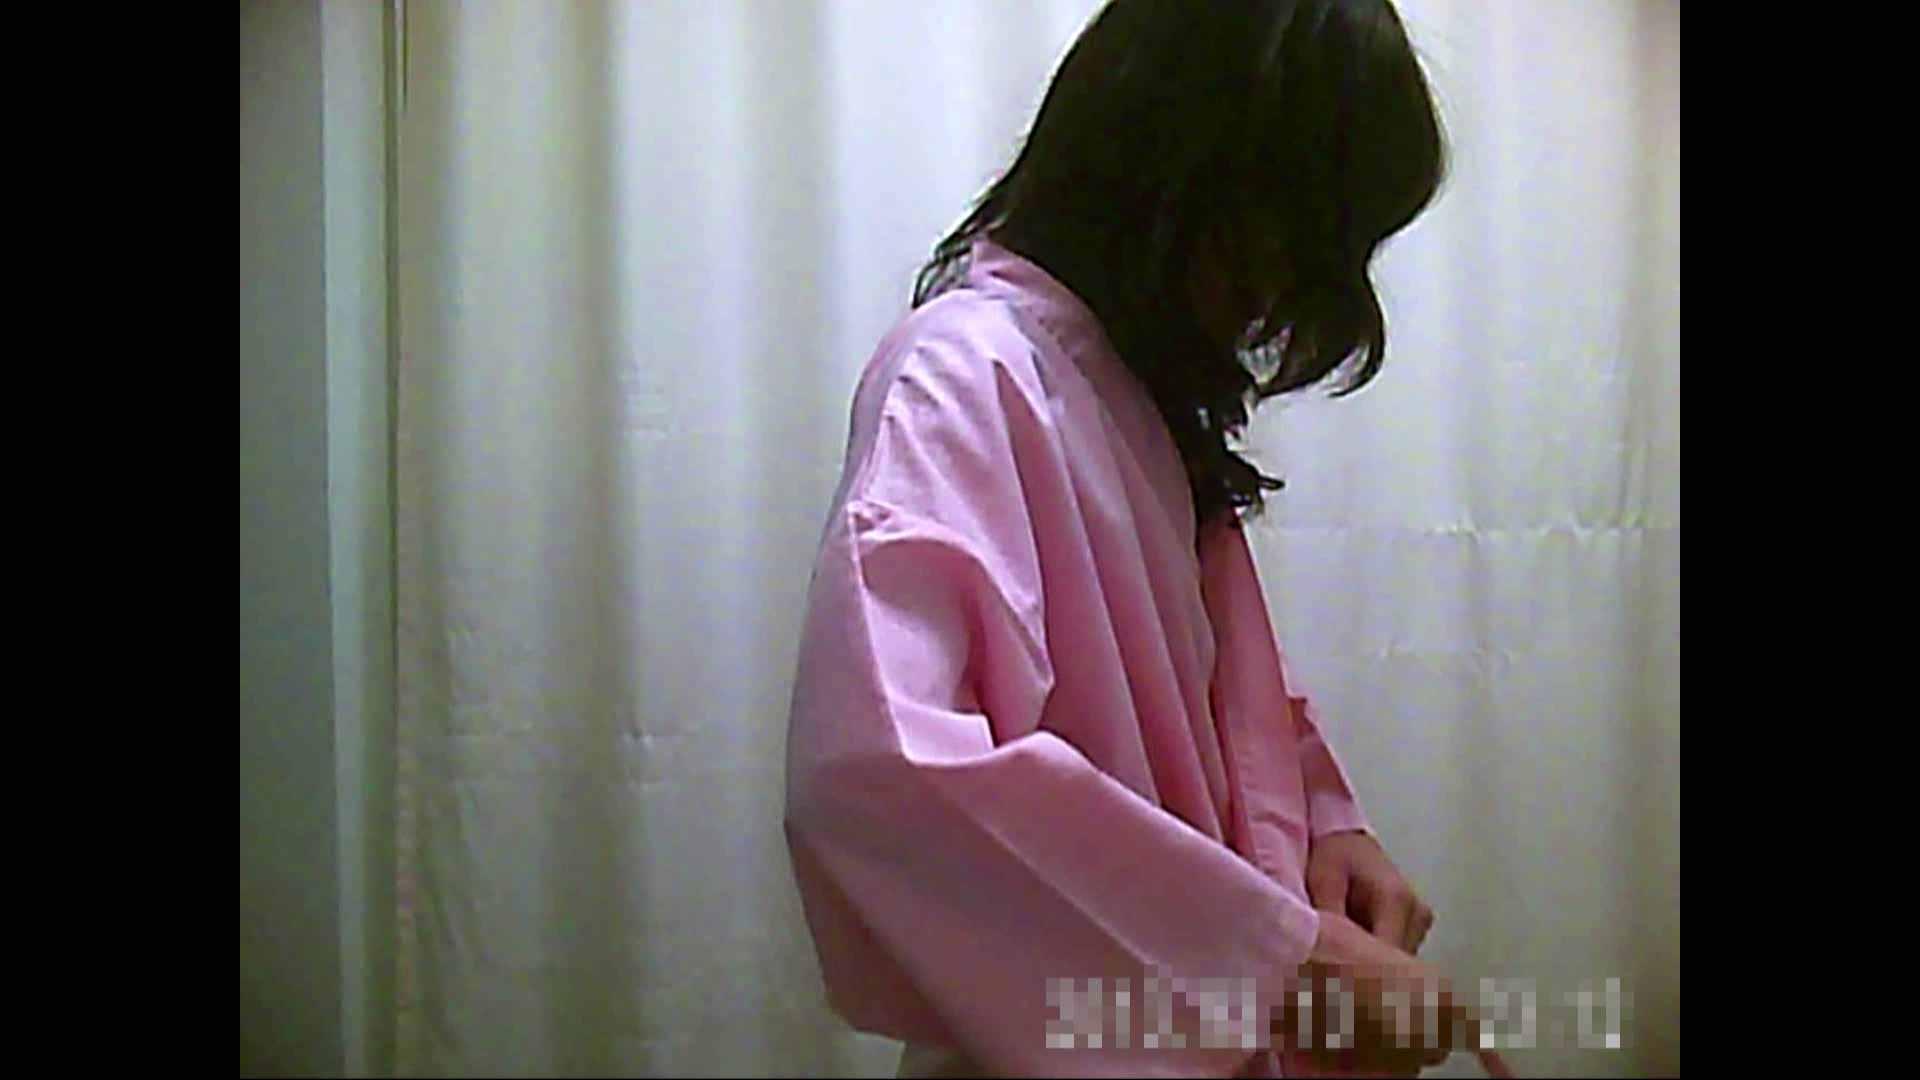 元医者による反抗 更衣室地獄絵巻 vol.097 OLハメ撮り  39Pix 24